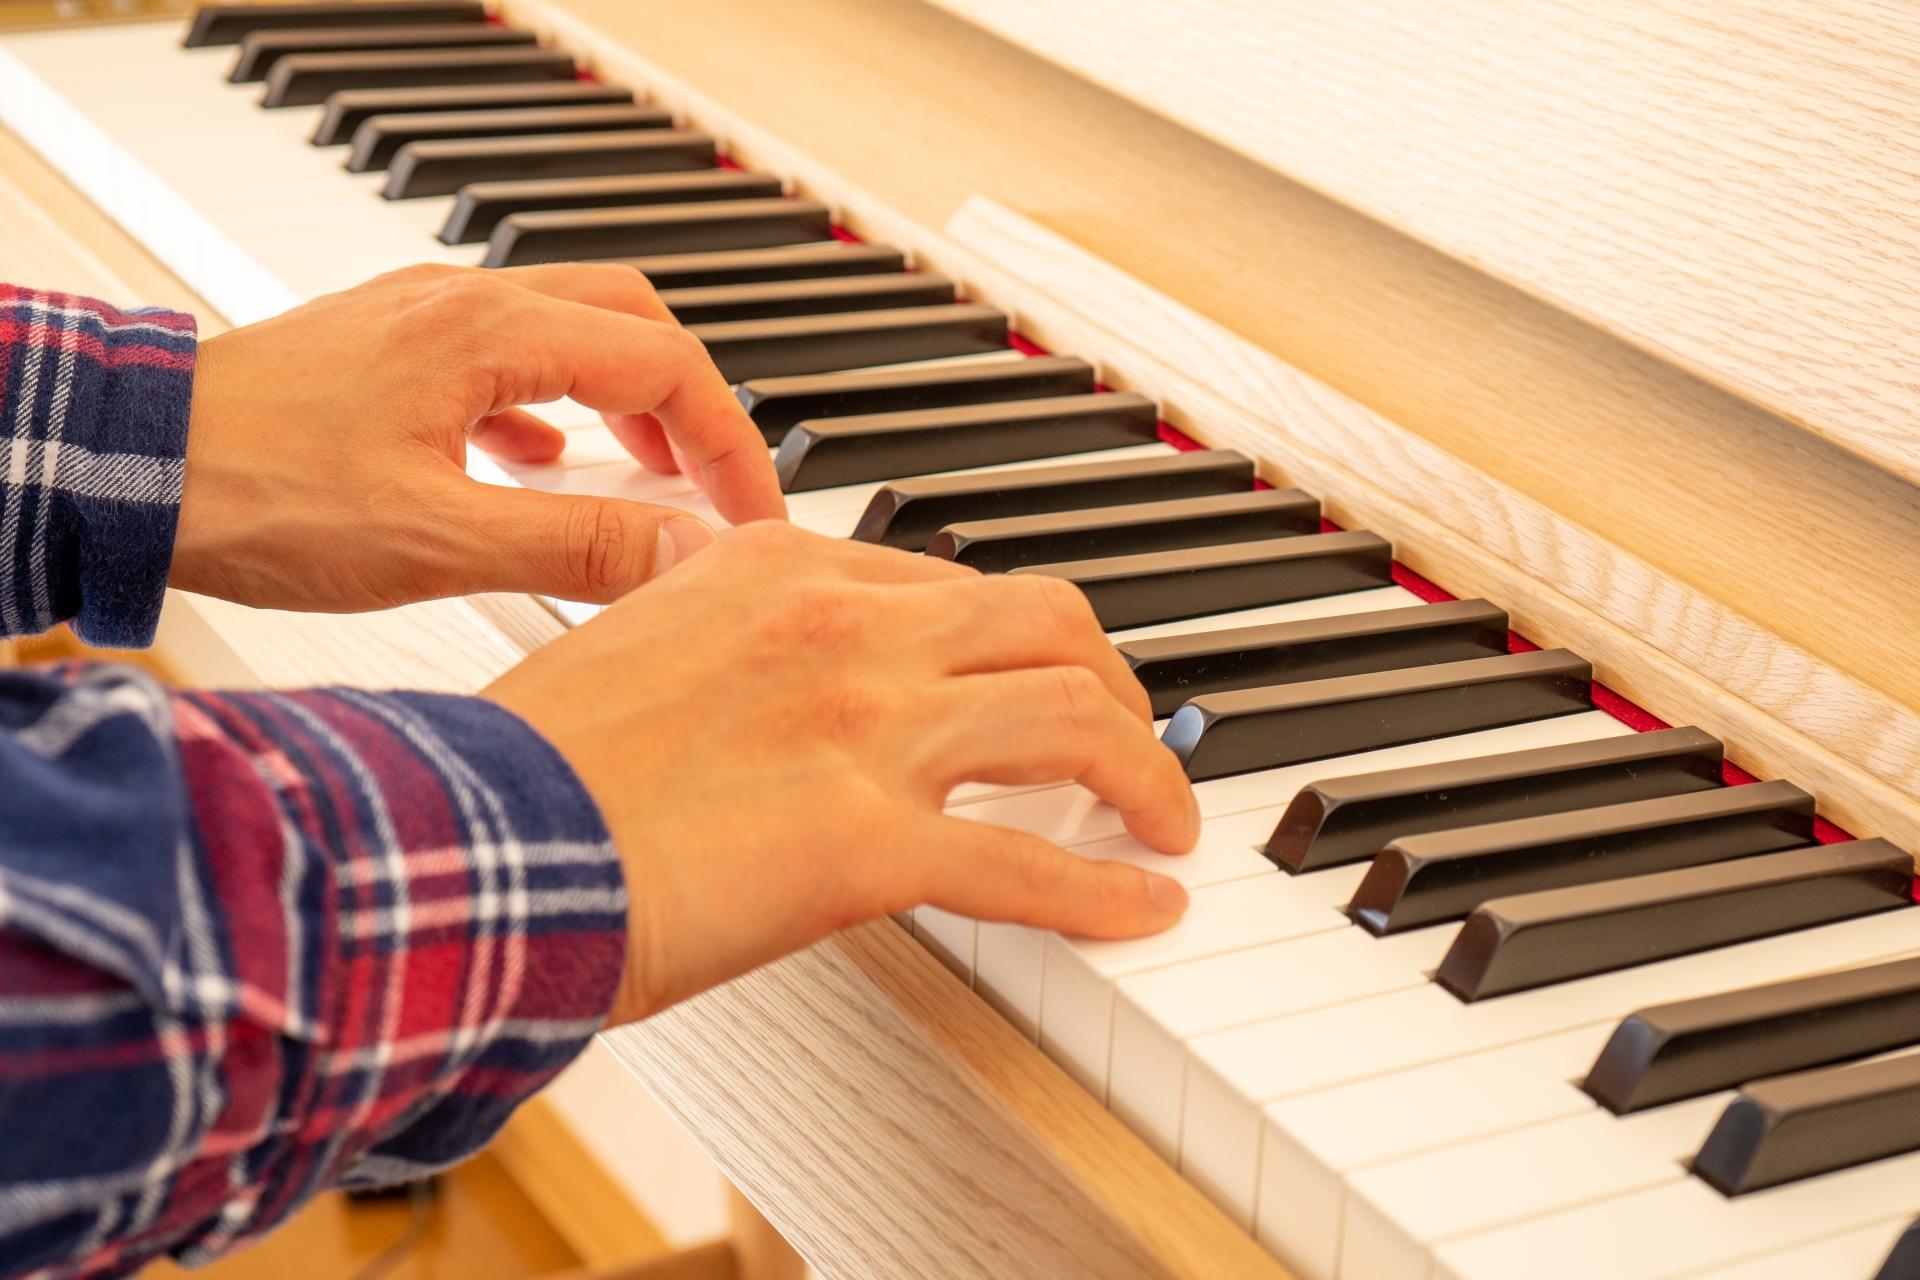 ピアノを演奏するシニア